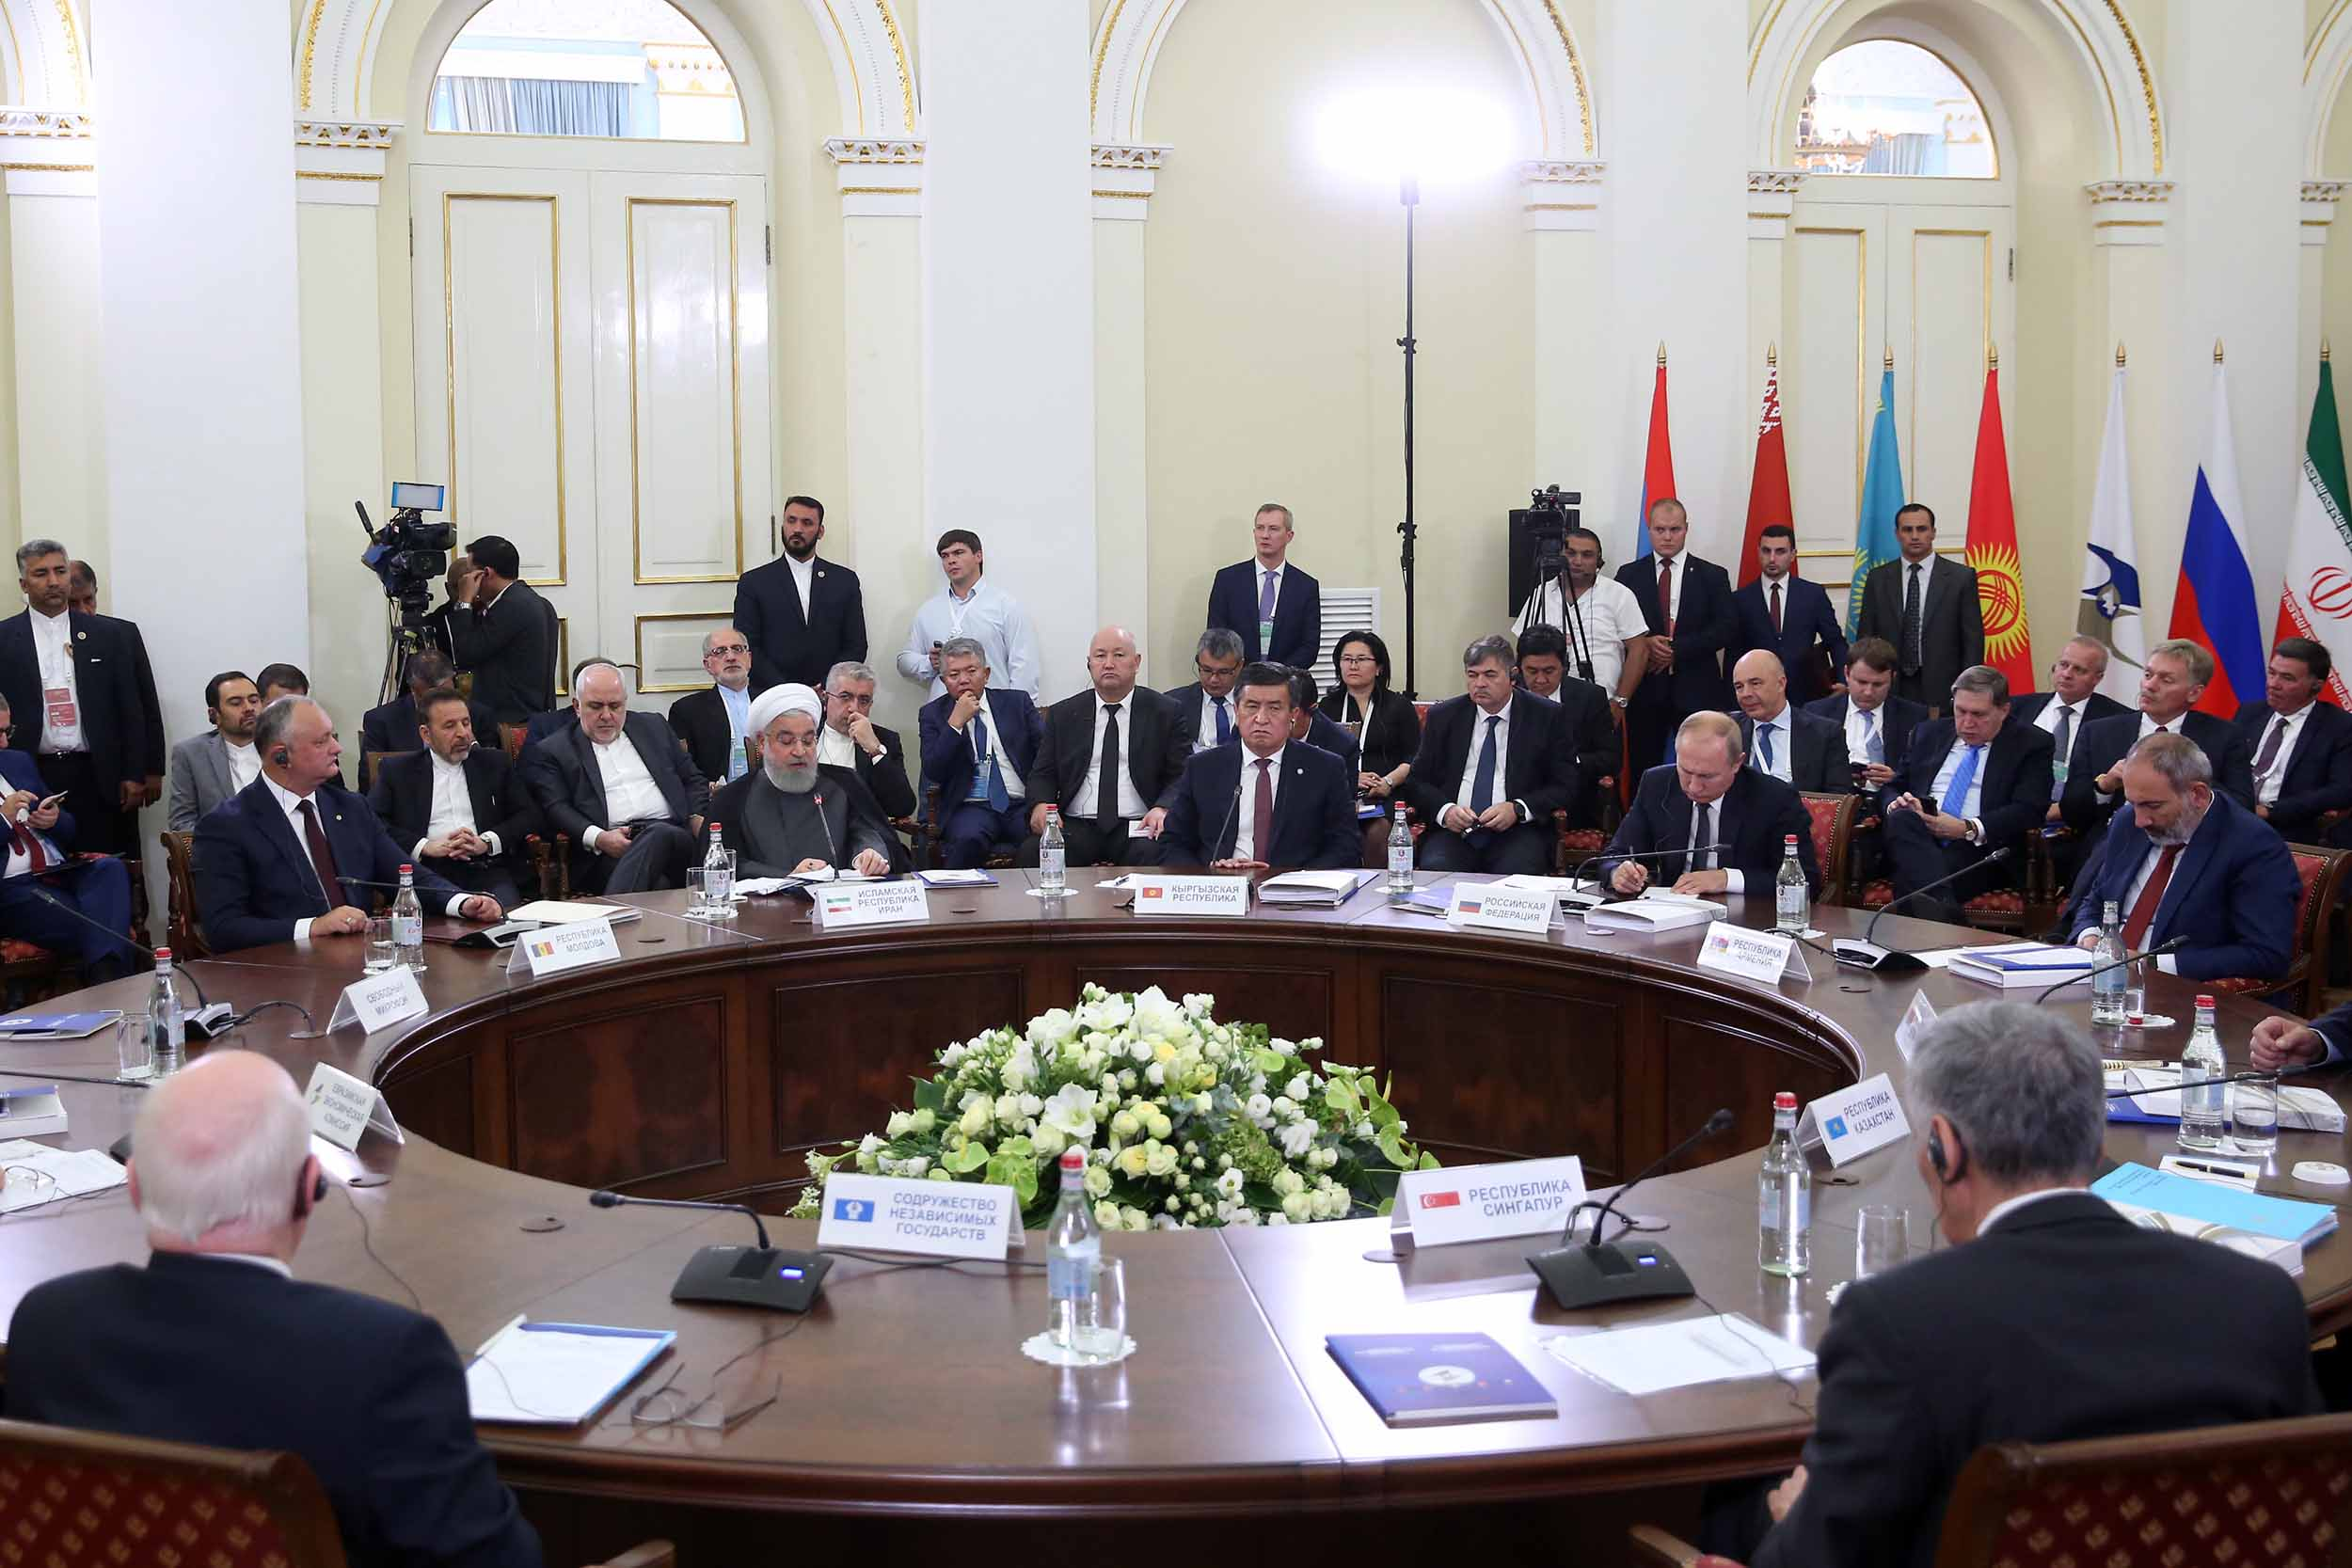 ایران از امضاءکنندگان برجام انتظار دارد در راستای اجرایی شدن آن اقدام کنند